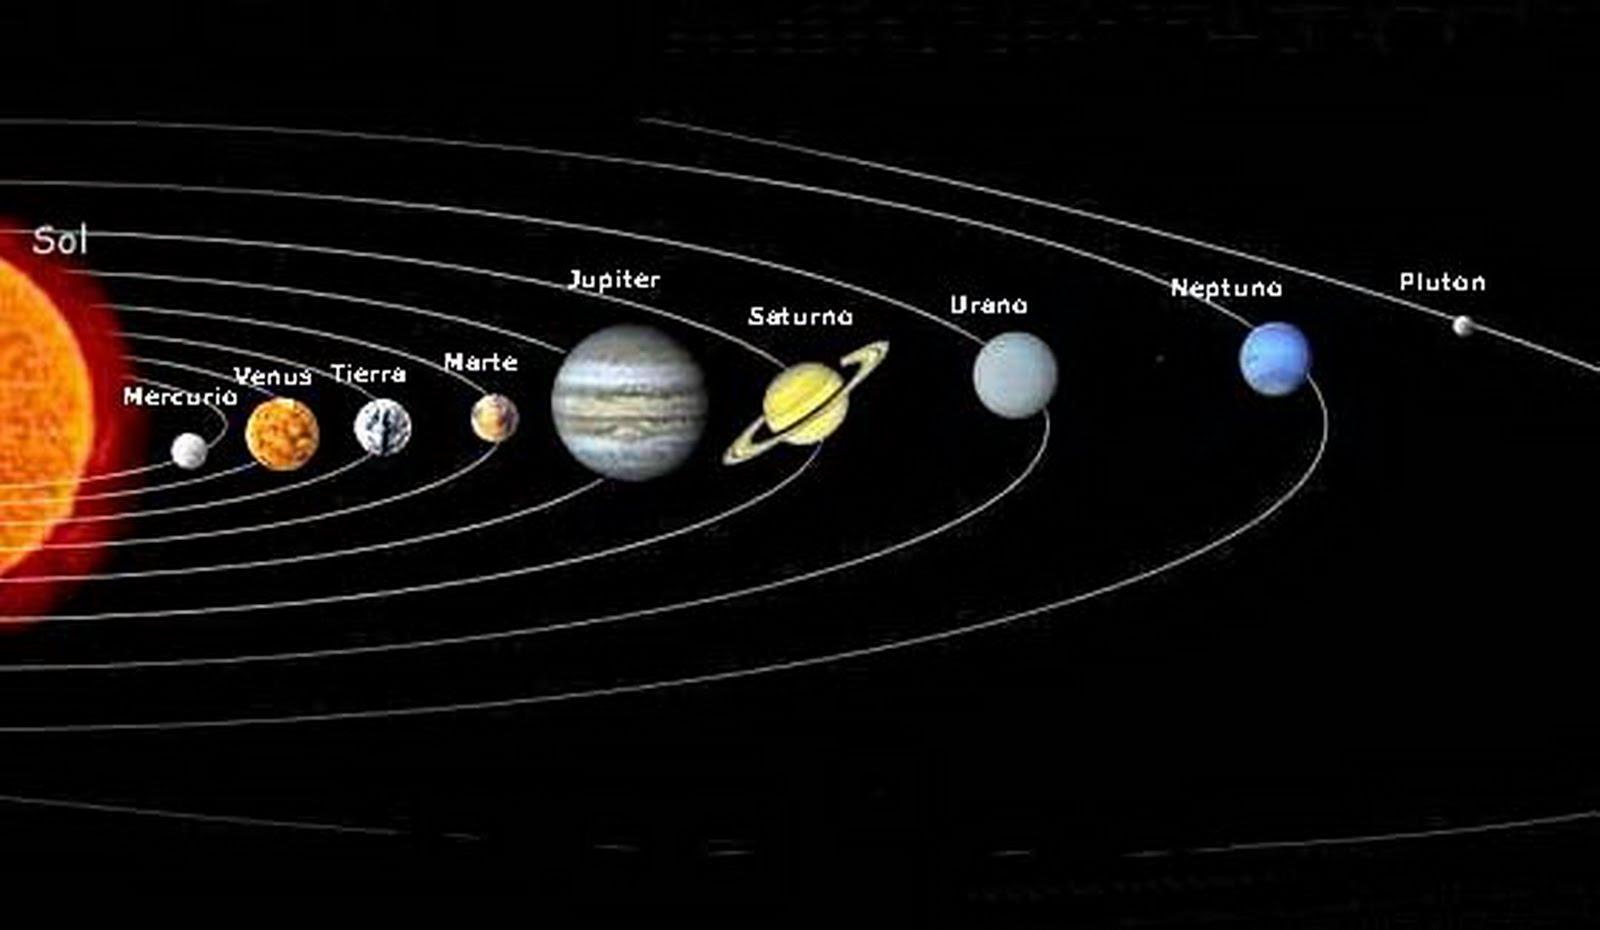 Los Nombres De Los Planetas Inspirados En Zeus Y Otros